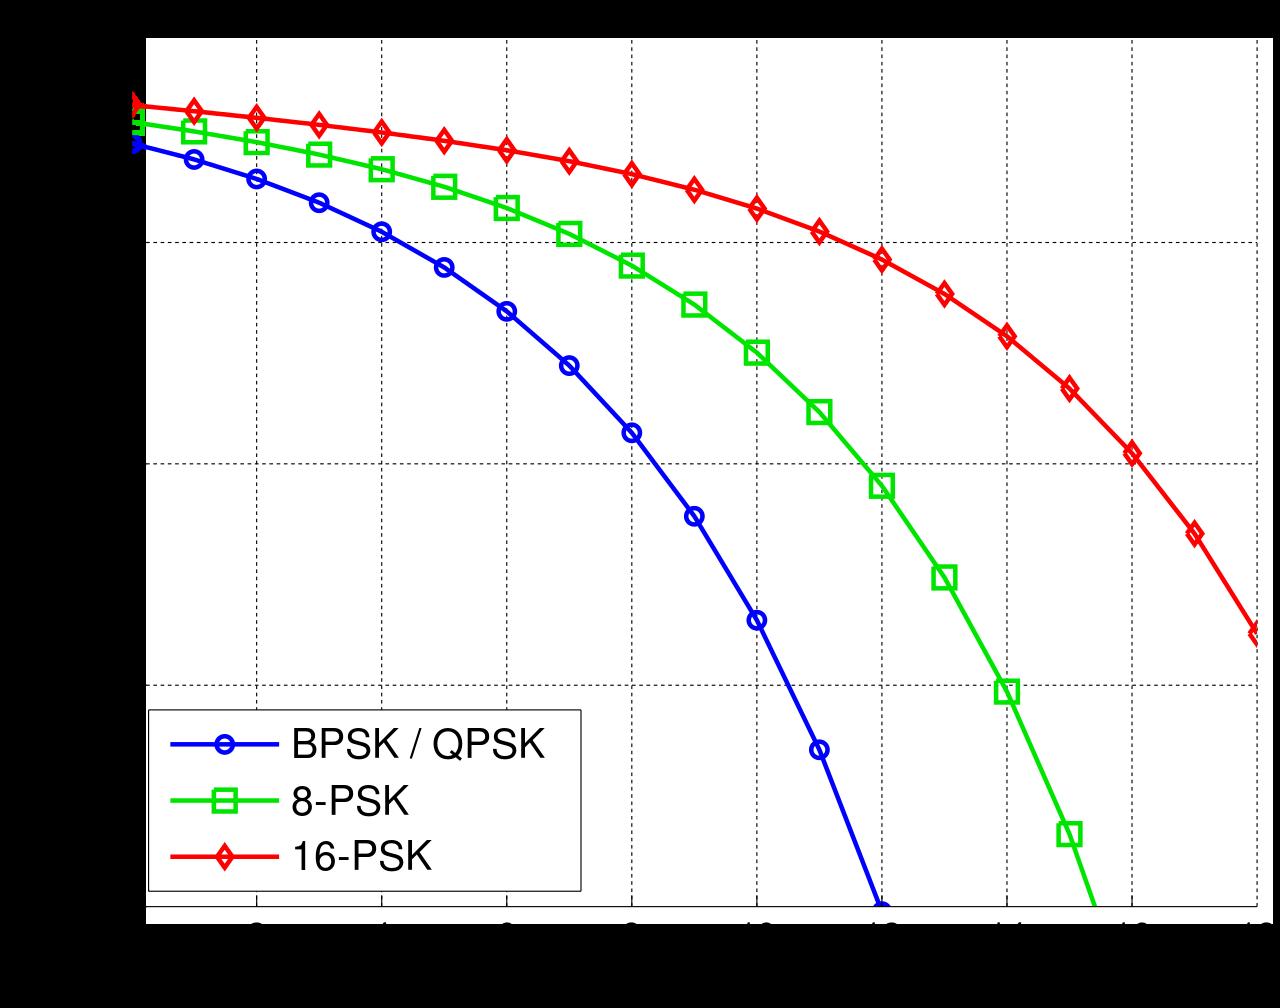 Bit Error Rate Curves - BPSK, QPSK, 8-PSK, 16-PSK